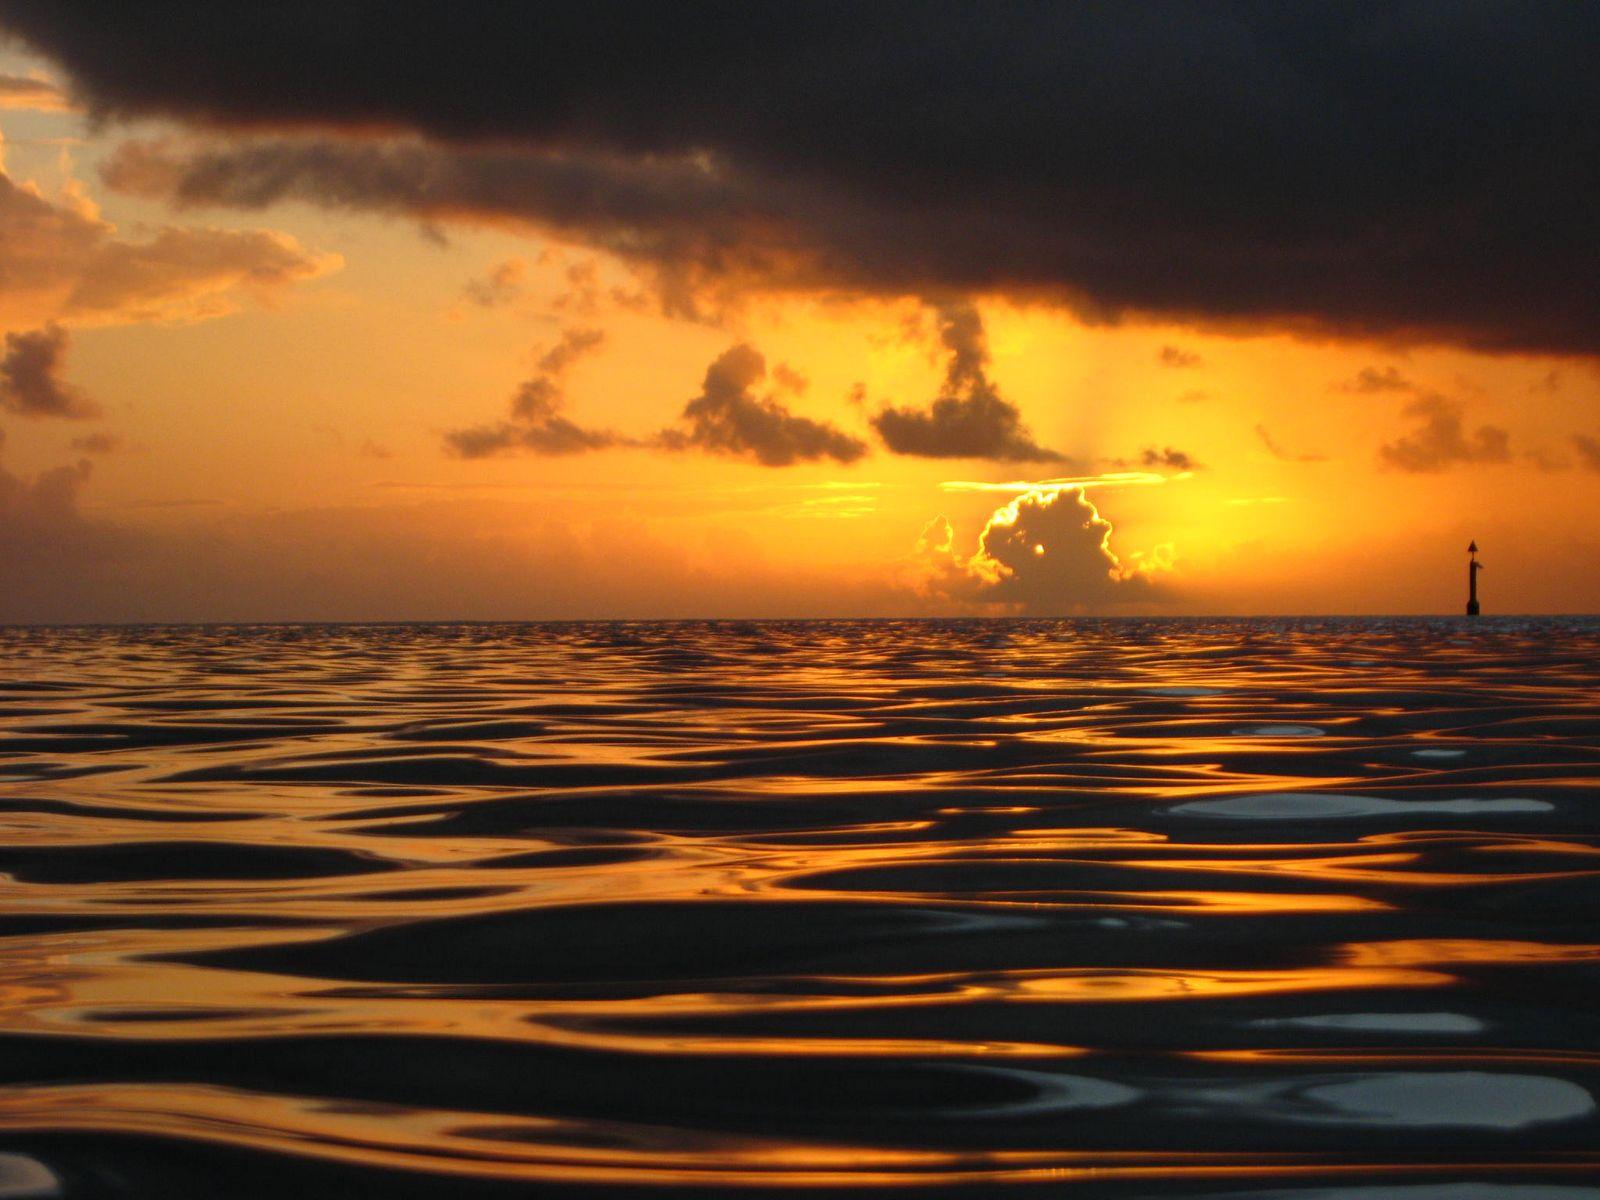 Séjour à la voile enrichissanten Indonésie et en Polynésie